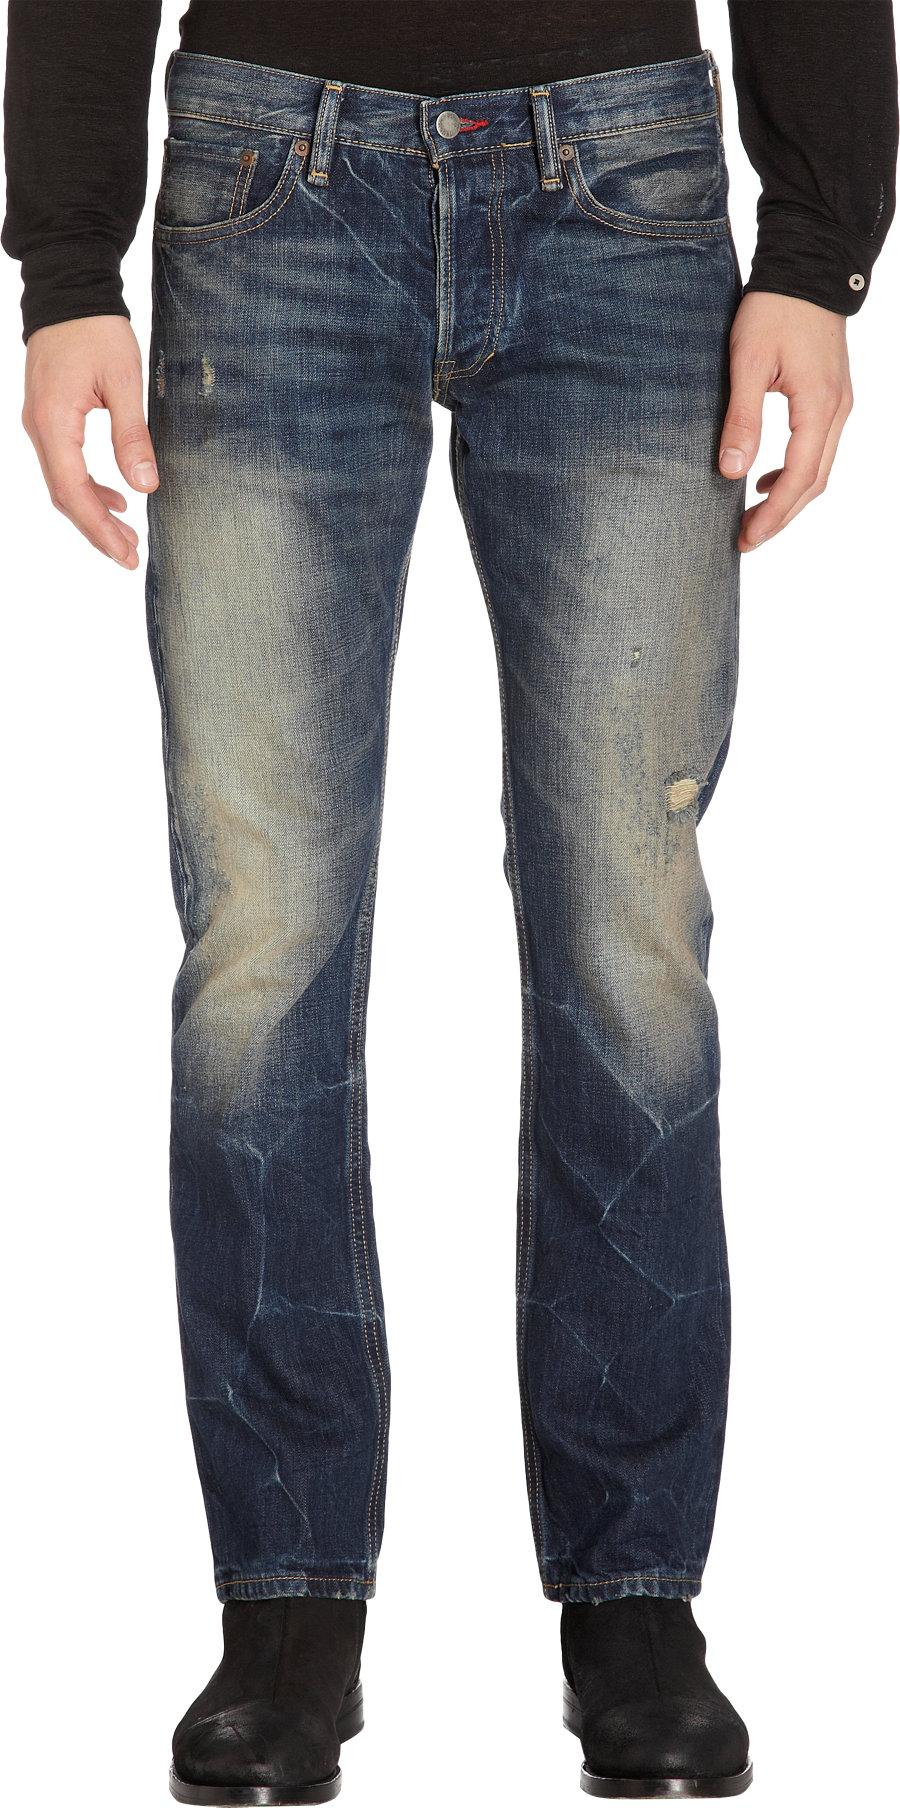 Ralph Lauren Black Label Heavy Fade Jeans In Yellow For Men | Lyst